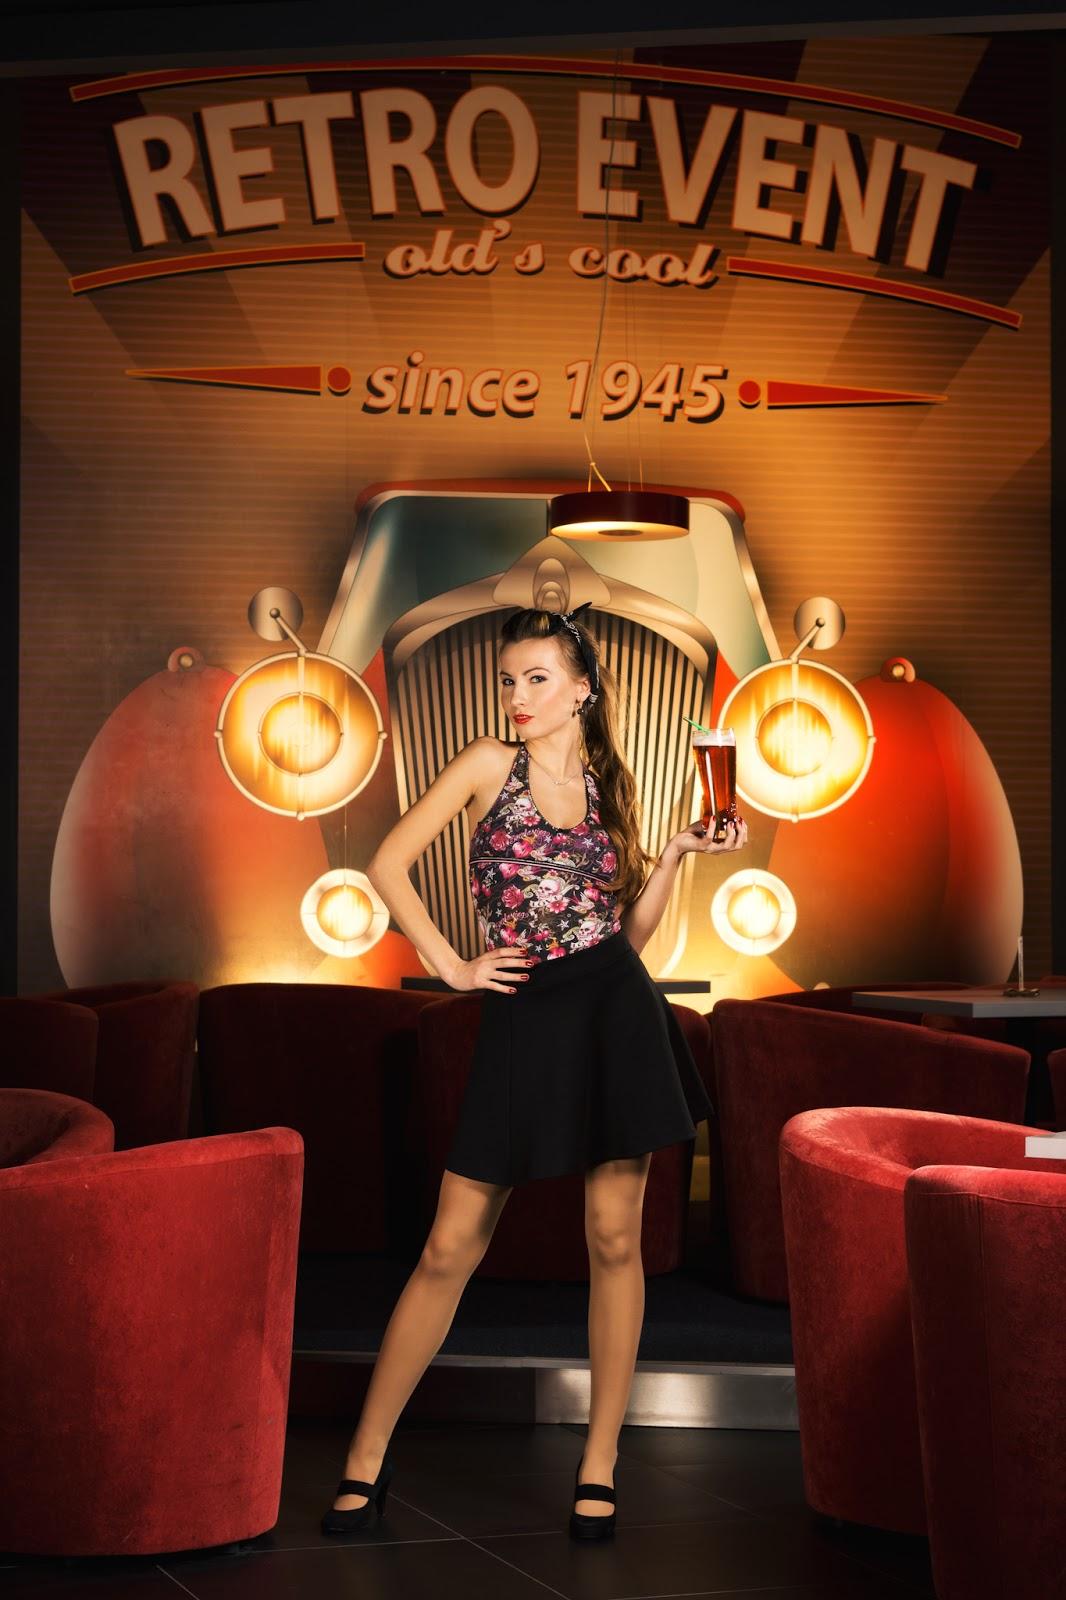 Promocyjna sesja fotograficzna na zlecenie Pin-up Music and Bowling w Bytomiu. fot. Łukasz Cyrus